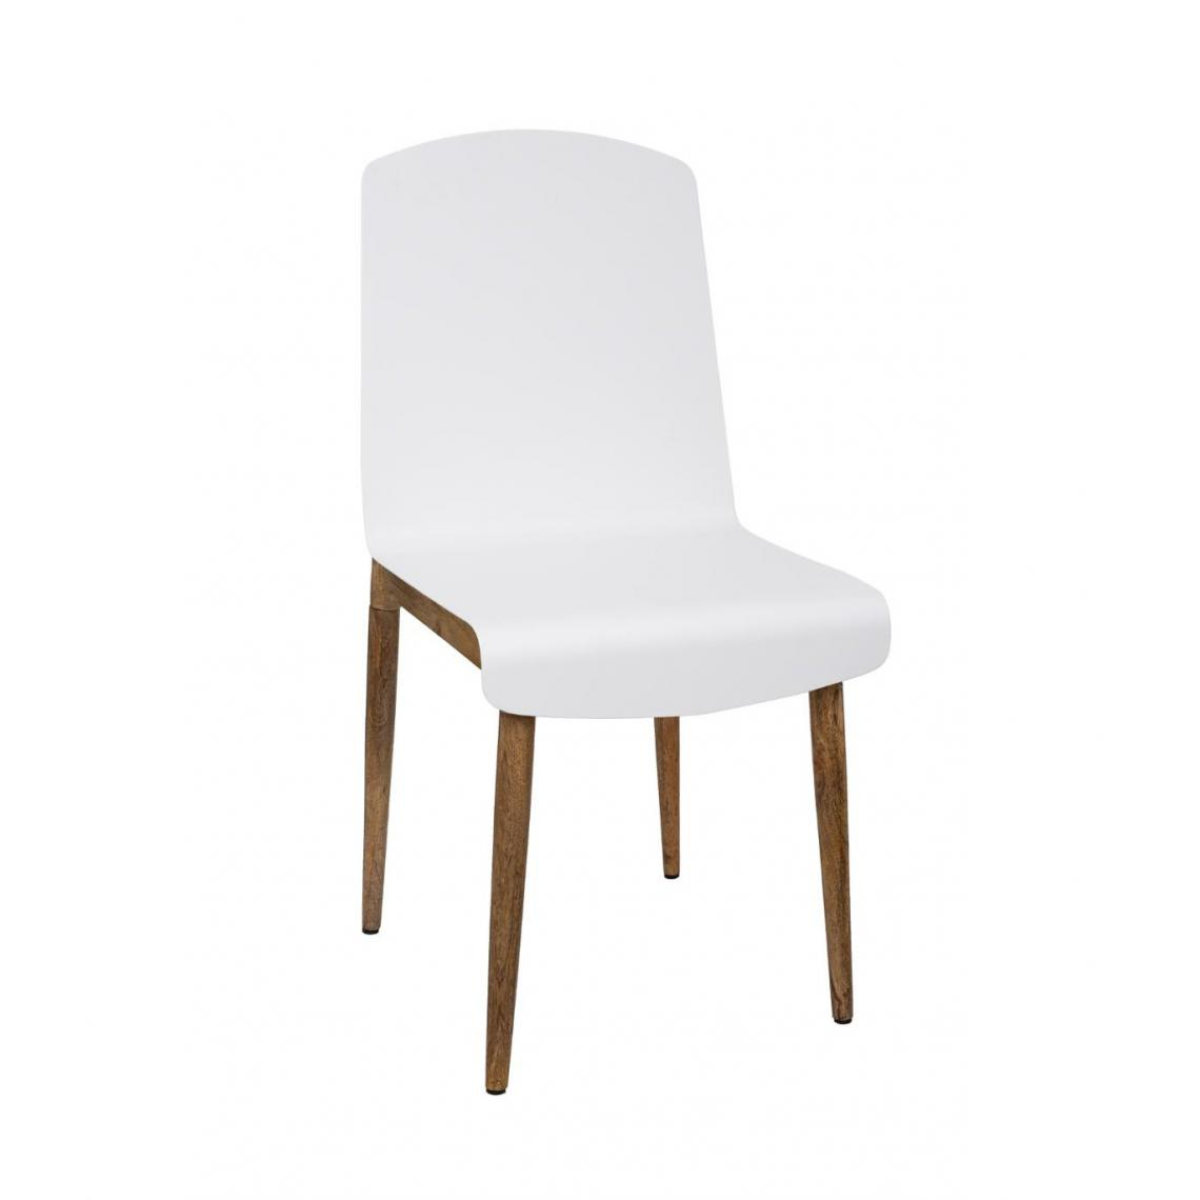 Atmosphera, Createur D'Interie Atmosphera - Chaise de Salle à Manger en Bois de Manguier et Acier Blanc H 87.5 cm